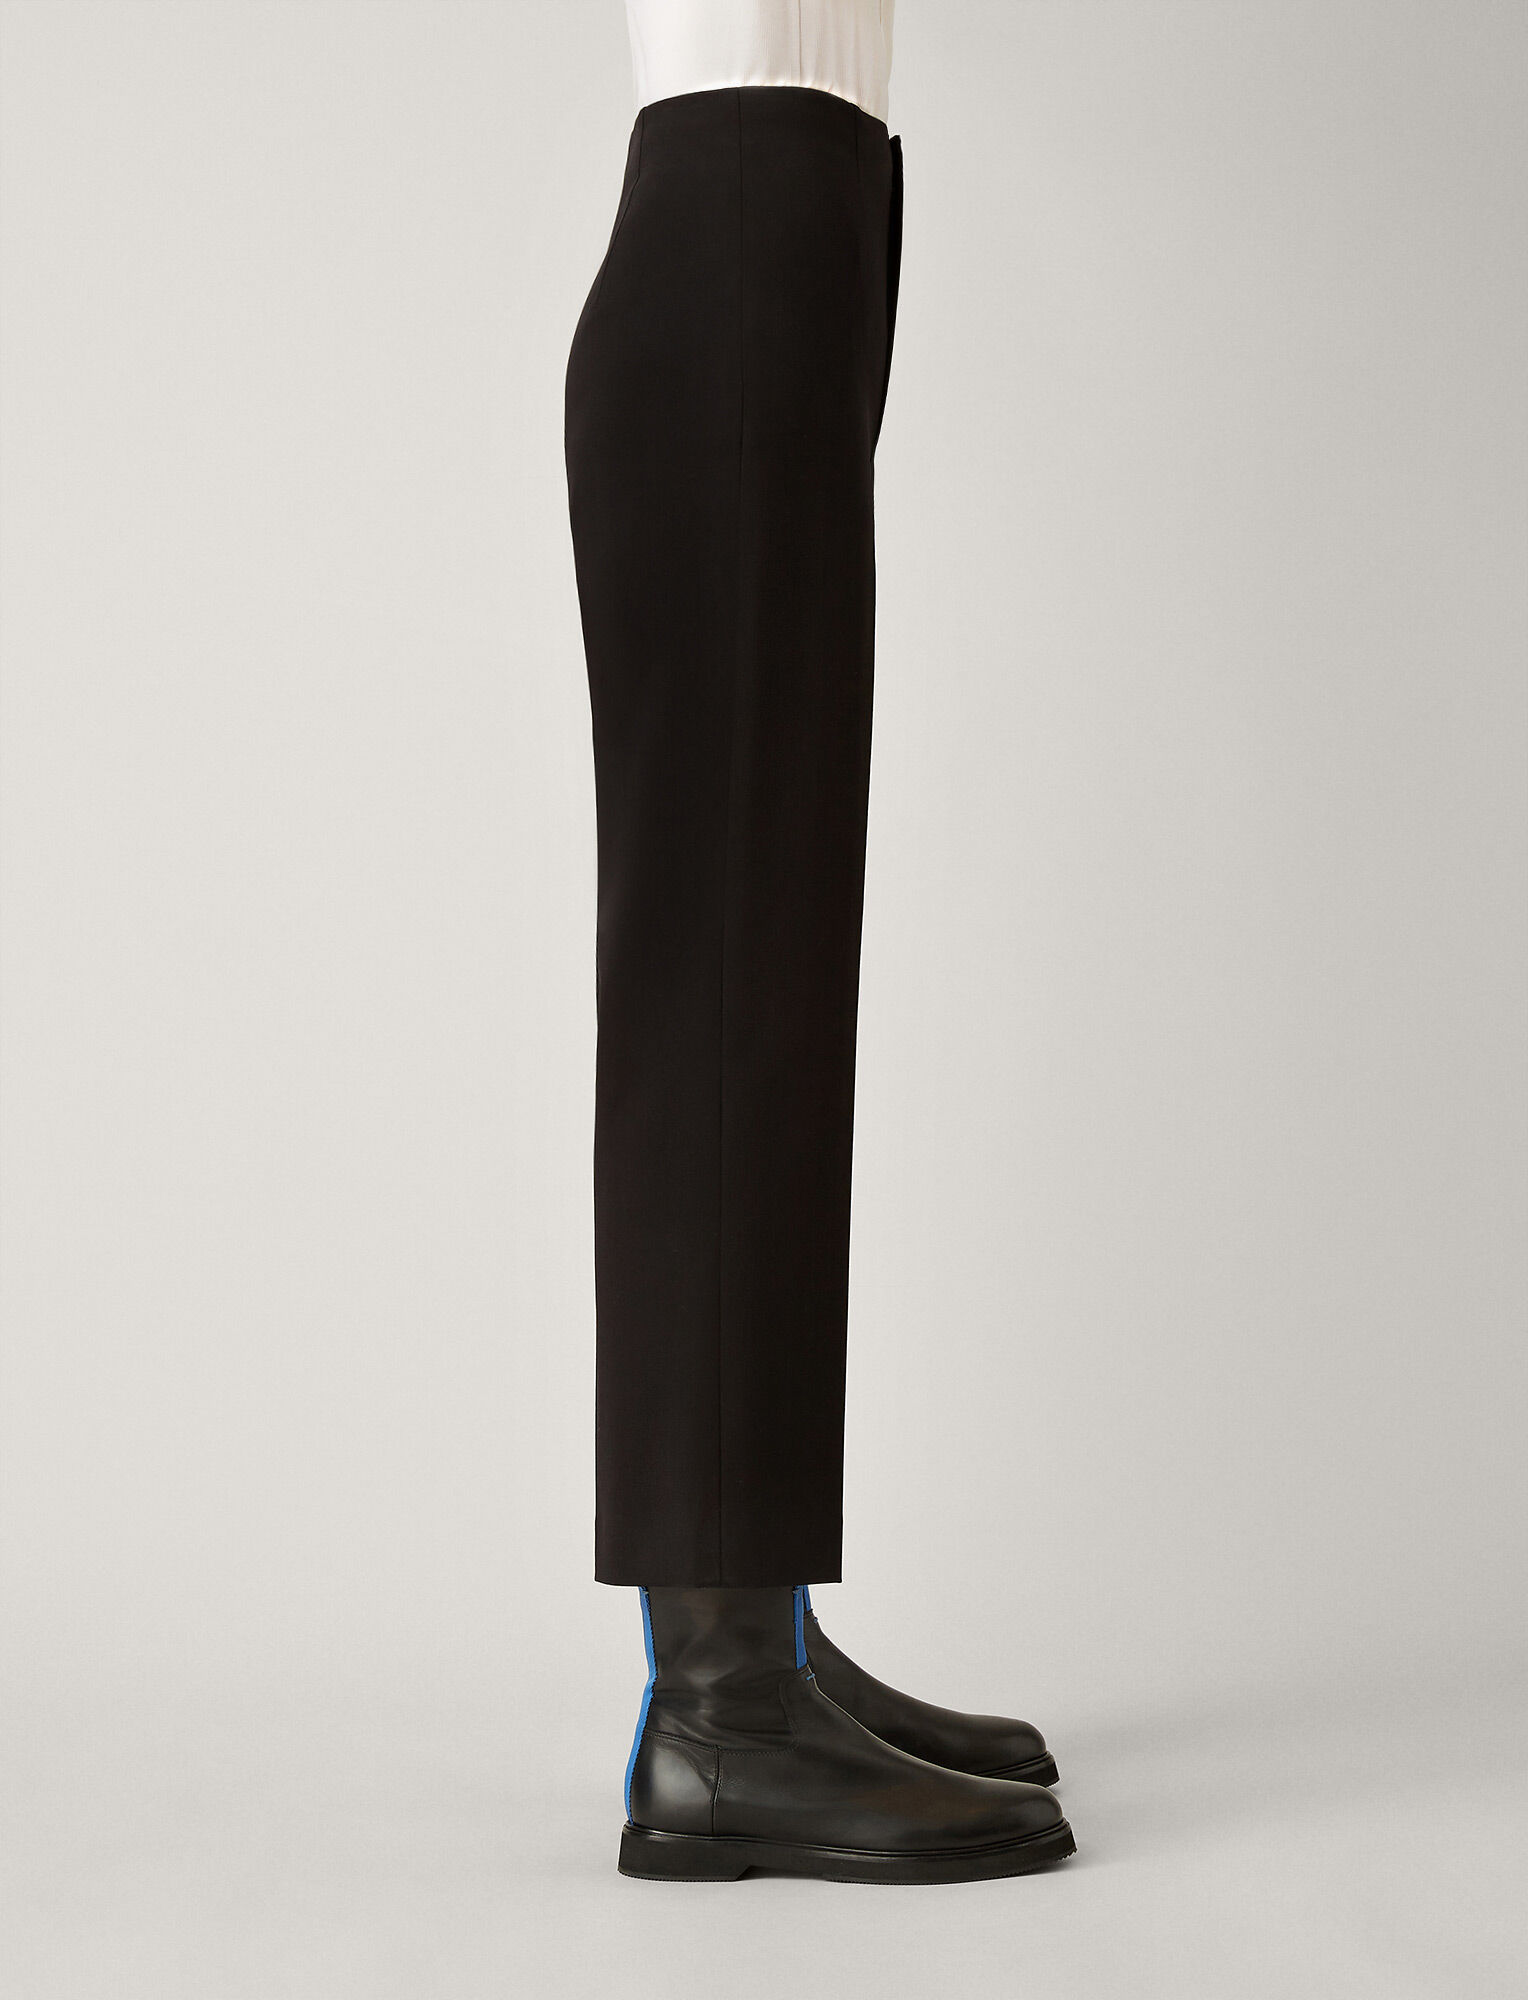 Joseph, Adabi Cotton Bi-Stretch Trousers, in BLACK